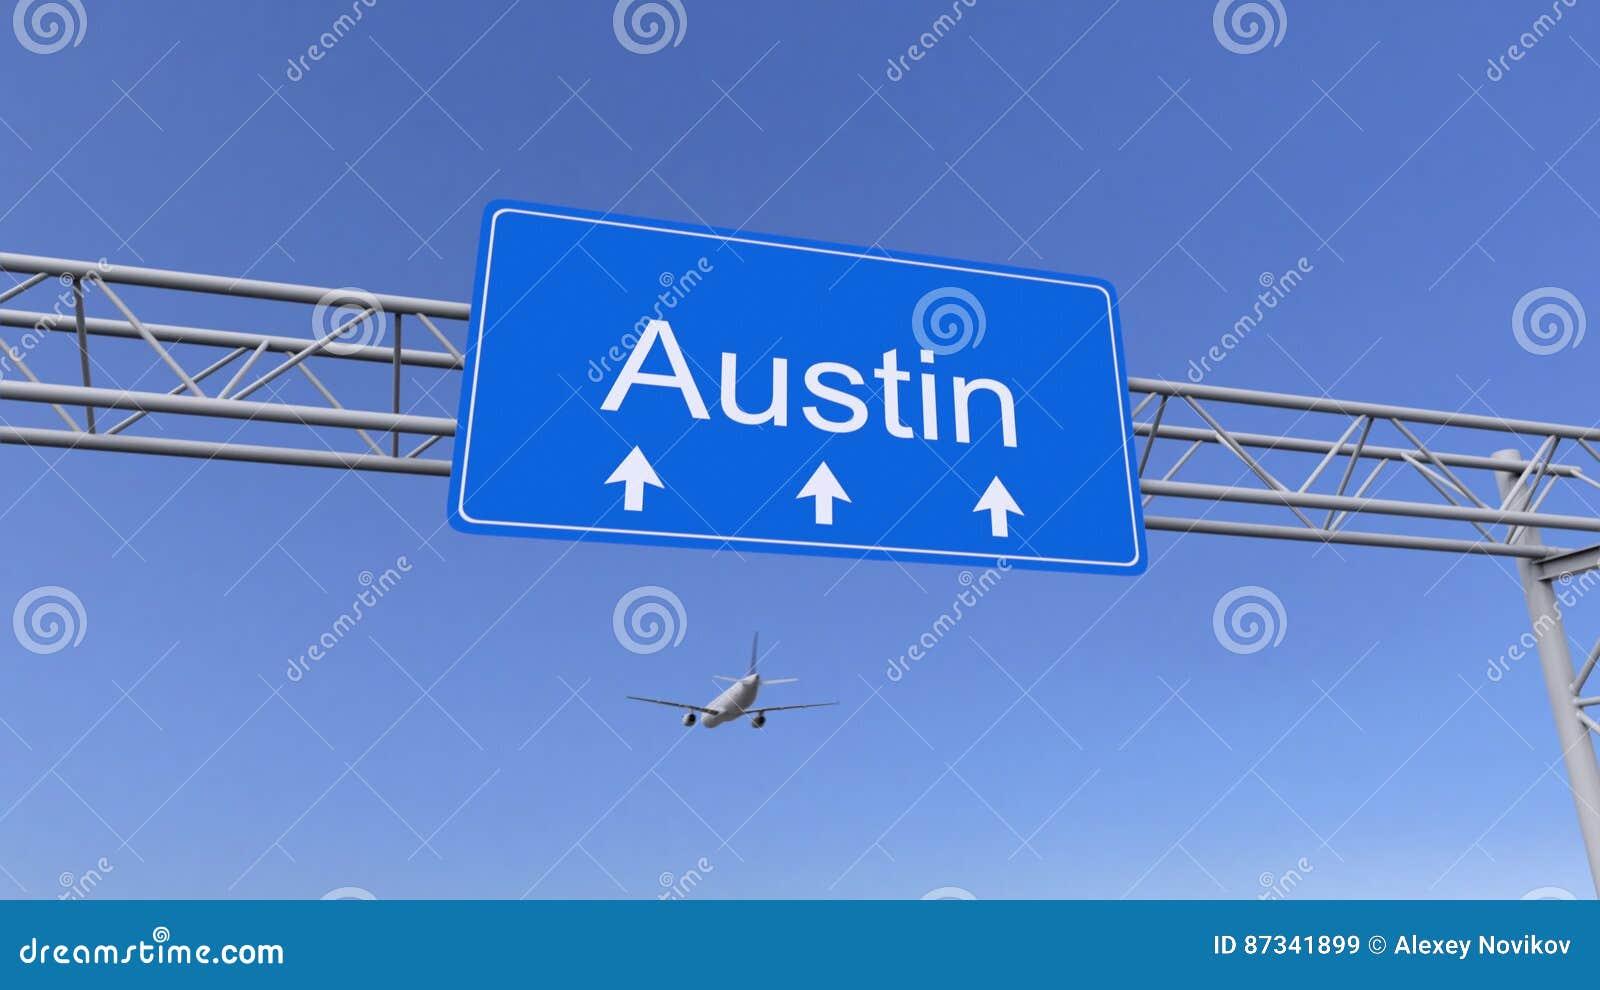 到达对奥斯汀机场的商业飞机 旅行到美国概念性3D翻译